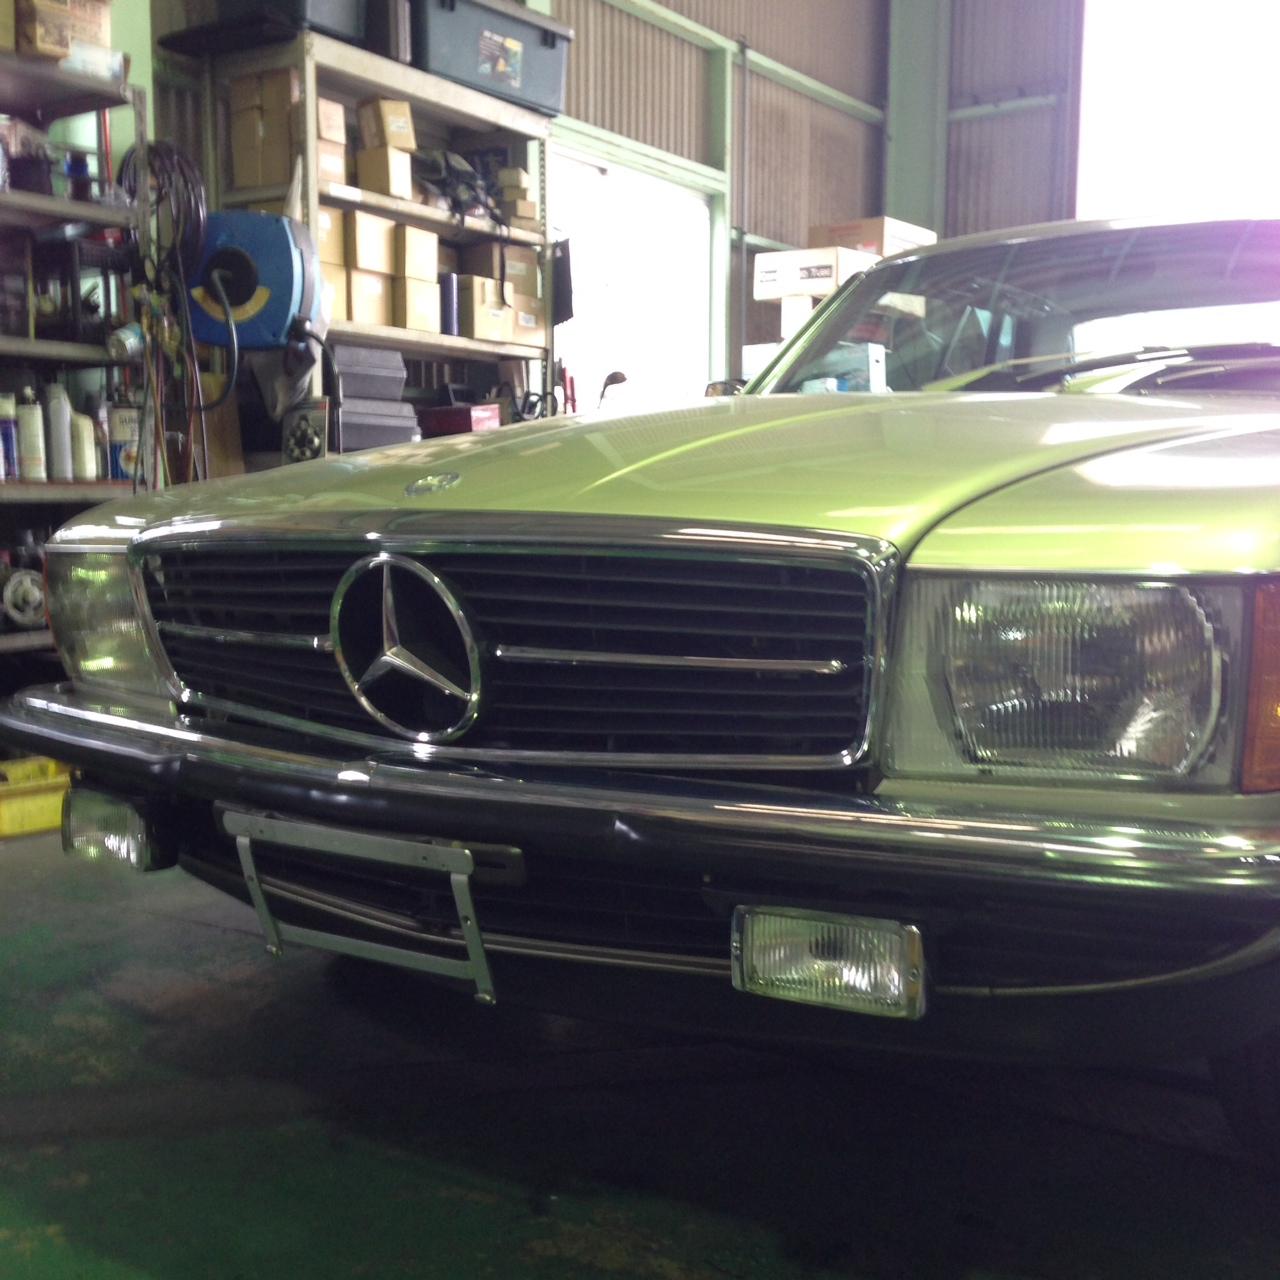 W107修理  旧車にオススメのエアコンメンテナンス _e0169210_15181057.jpg